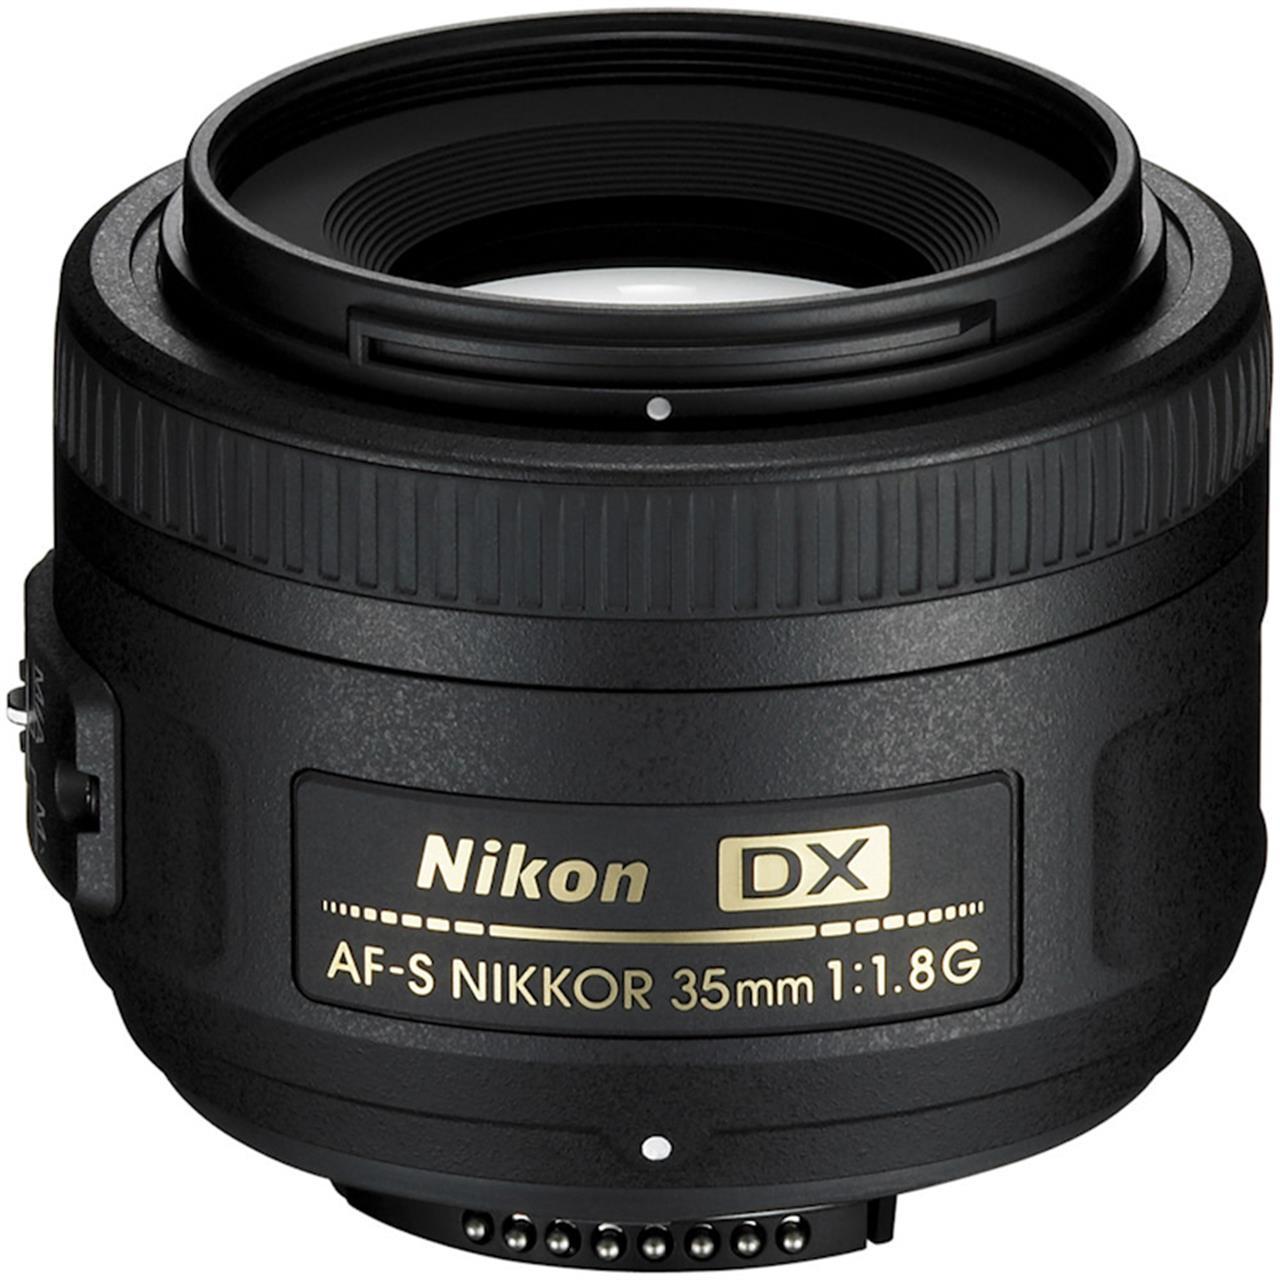 0018208021833__nikon_af-s_dx_nikkor_35mm_1_8g_hofma.jpg